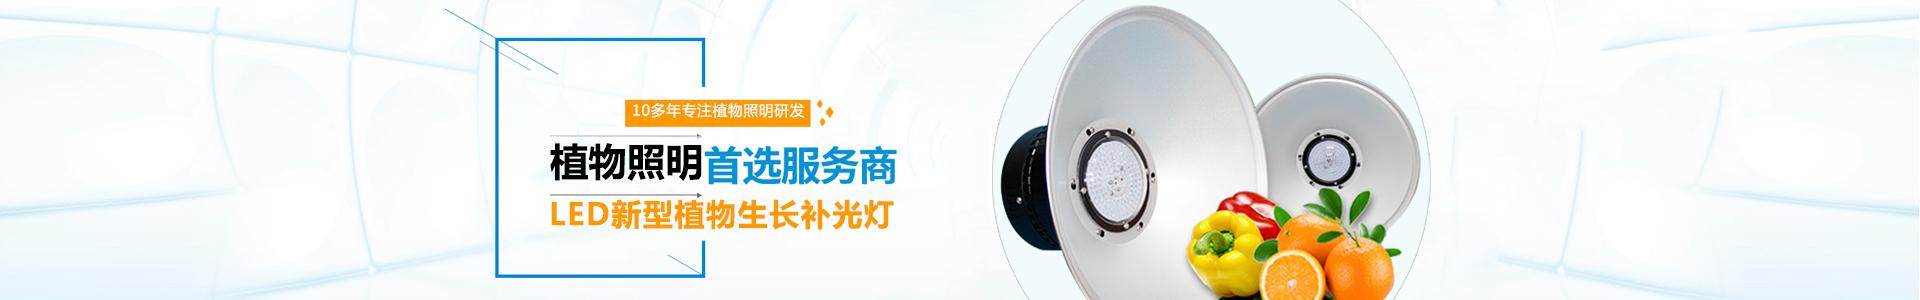 广东伟照业光电节能有限公司